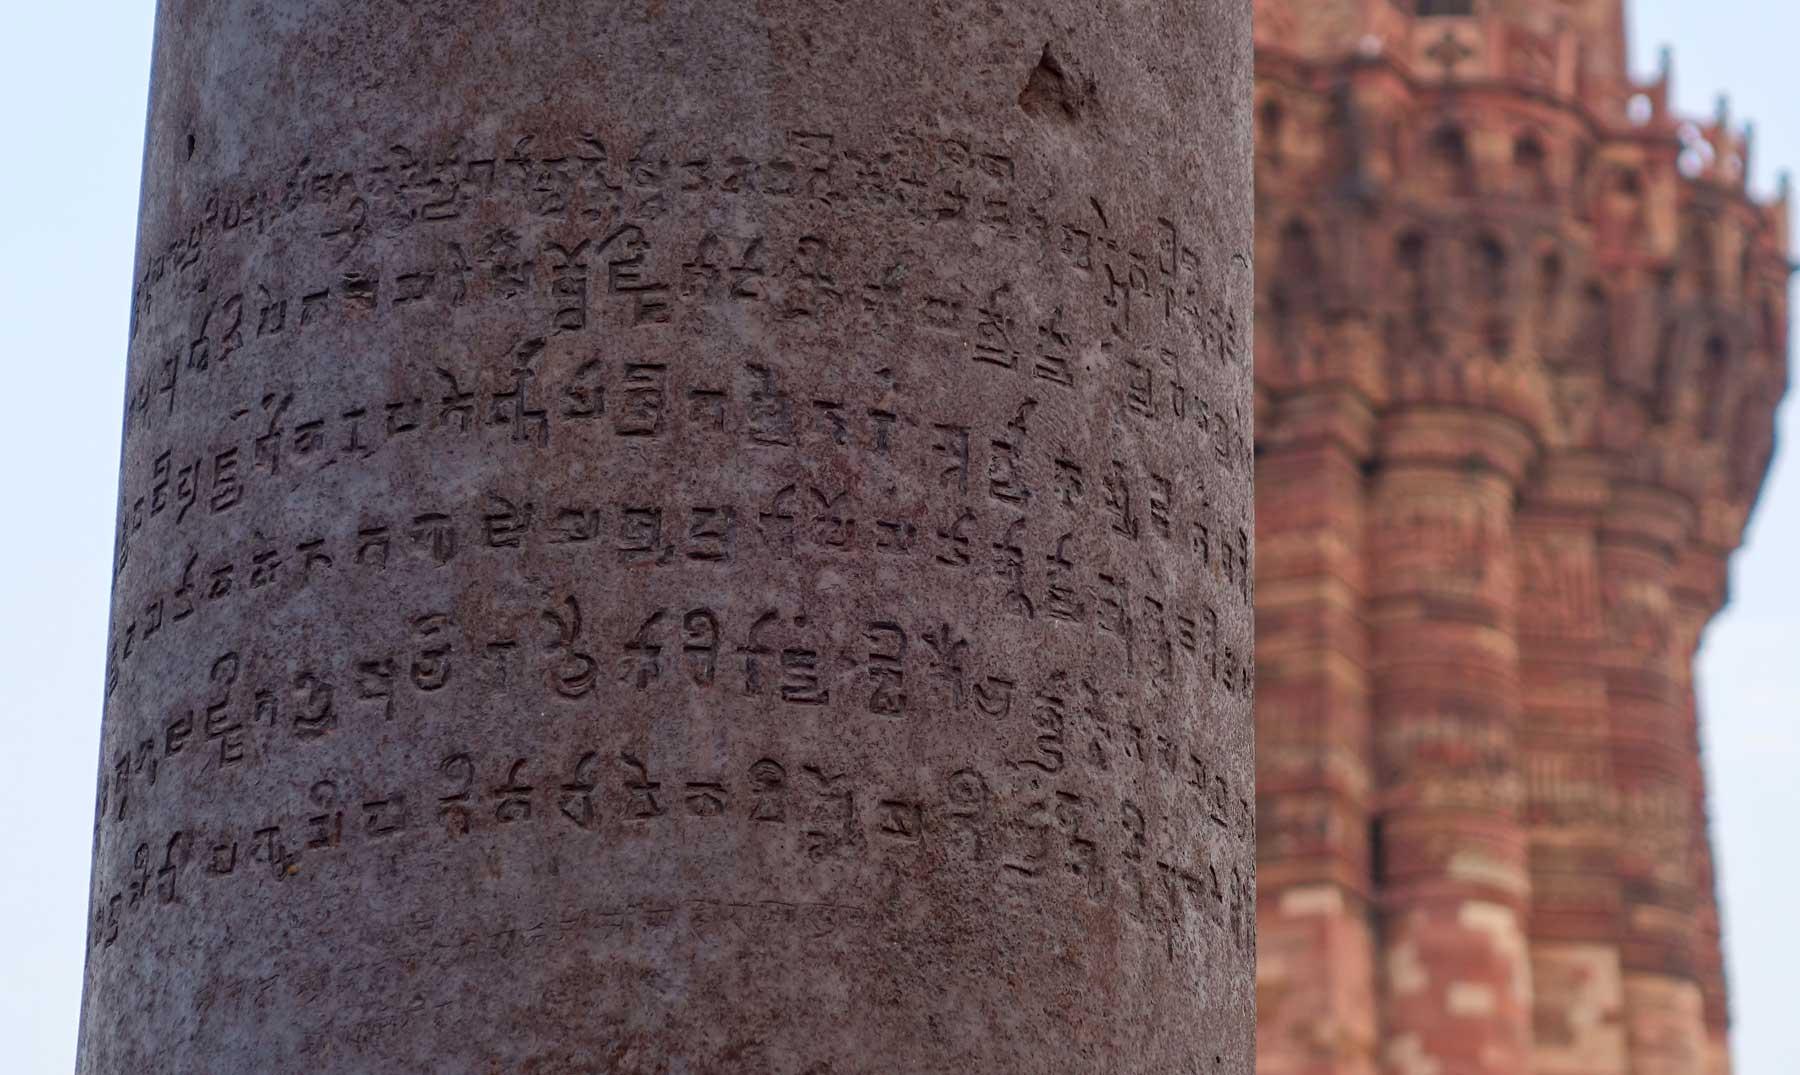 El misterio de la columna inoxidable de la India